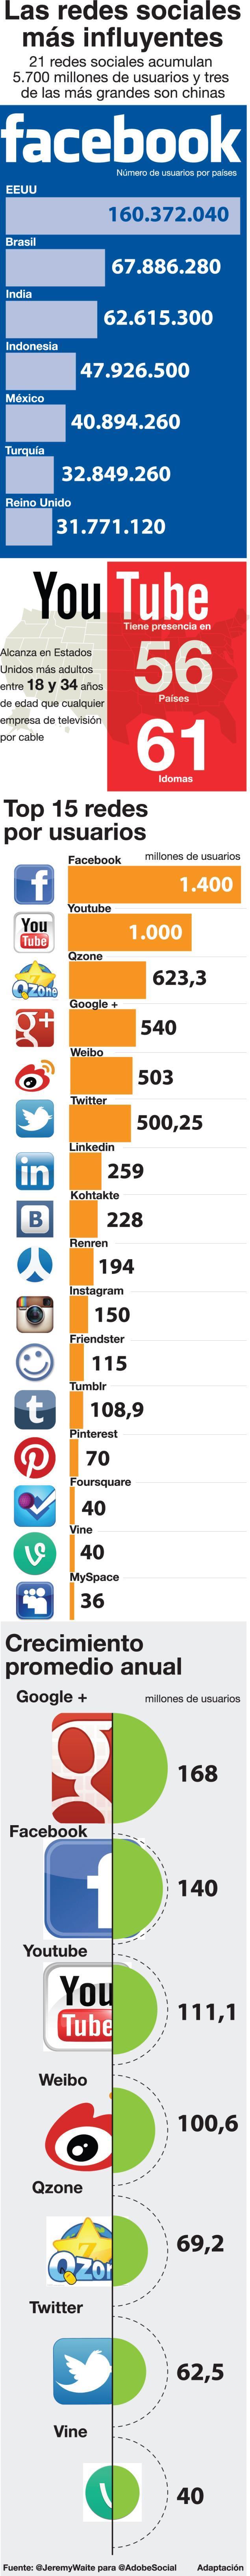 Las Redes Sociales más importantes